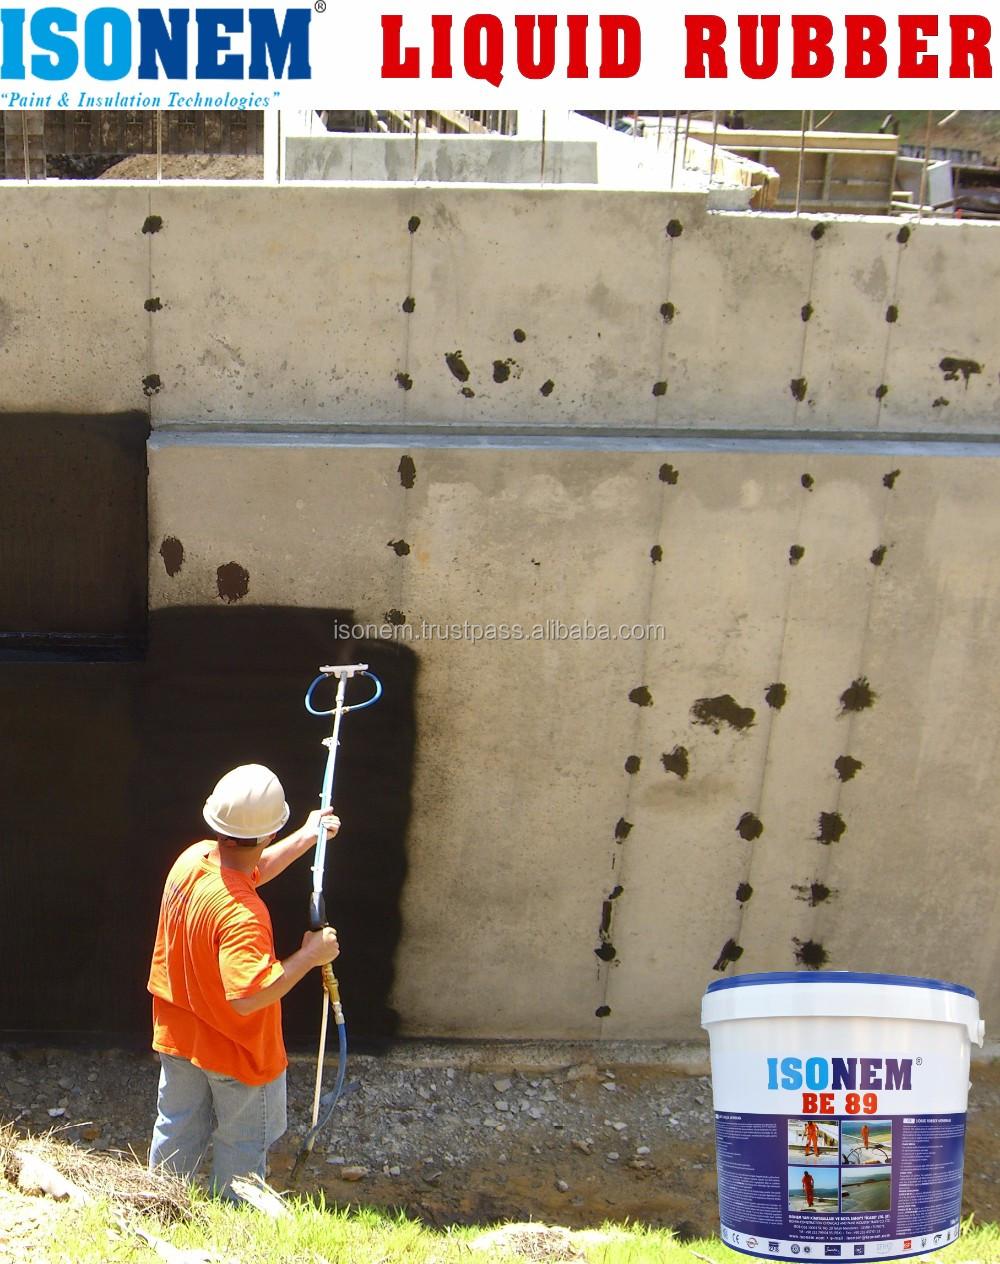 Isonem Be 89 Liquid Rubber Bituminous Waterproofing Membrane - Buy Rubber  Membrane For Waterproofing,Modified Bituminous Waterproofing